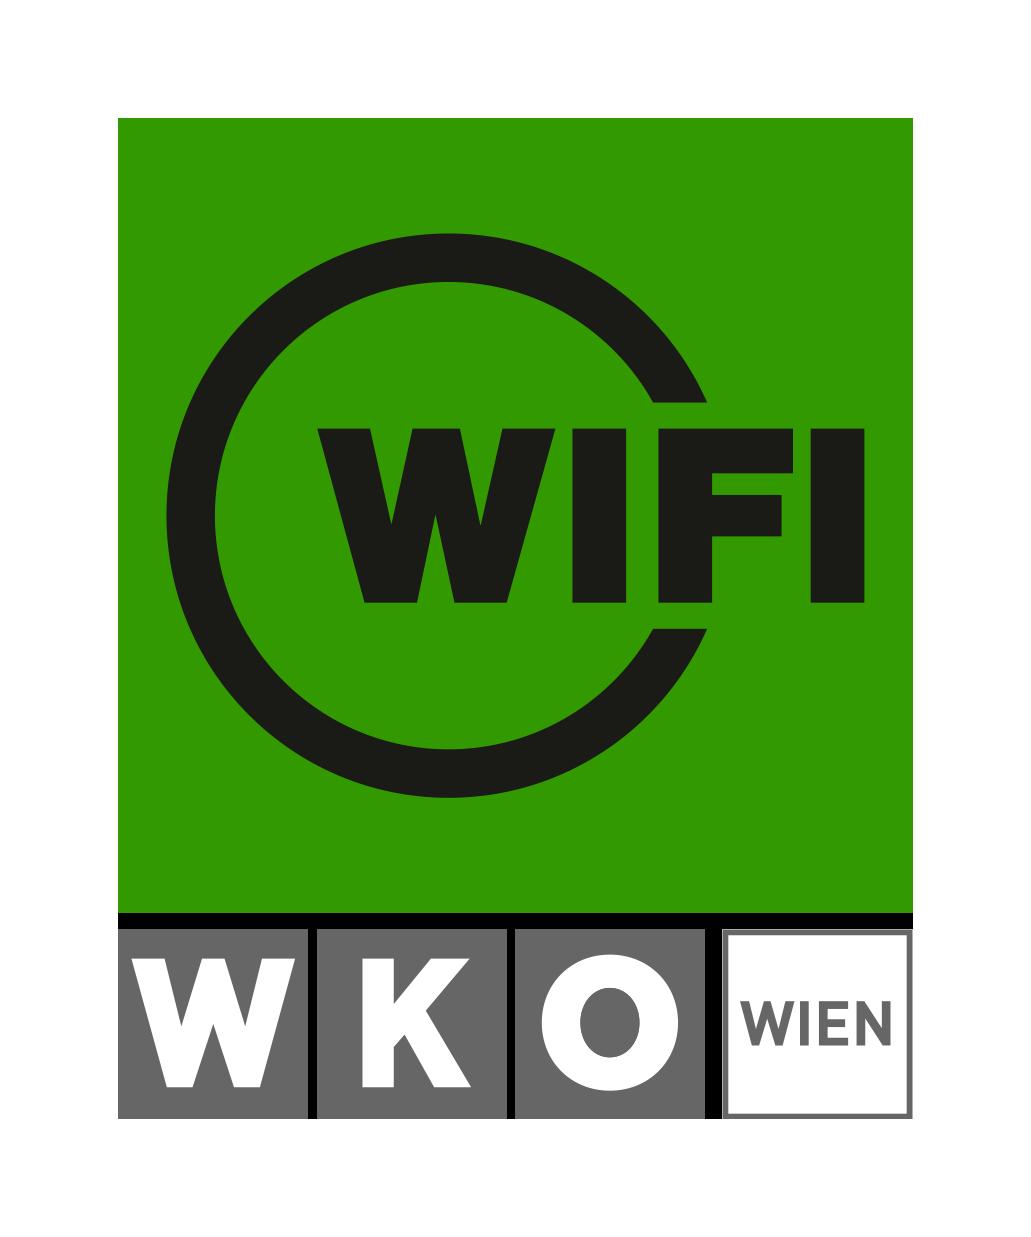 WIFI_pos_RGB_W18.png